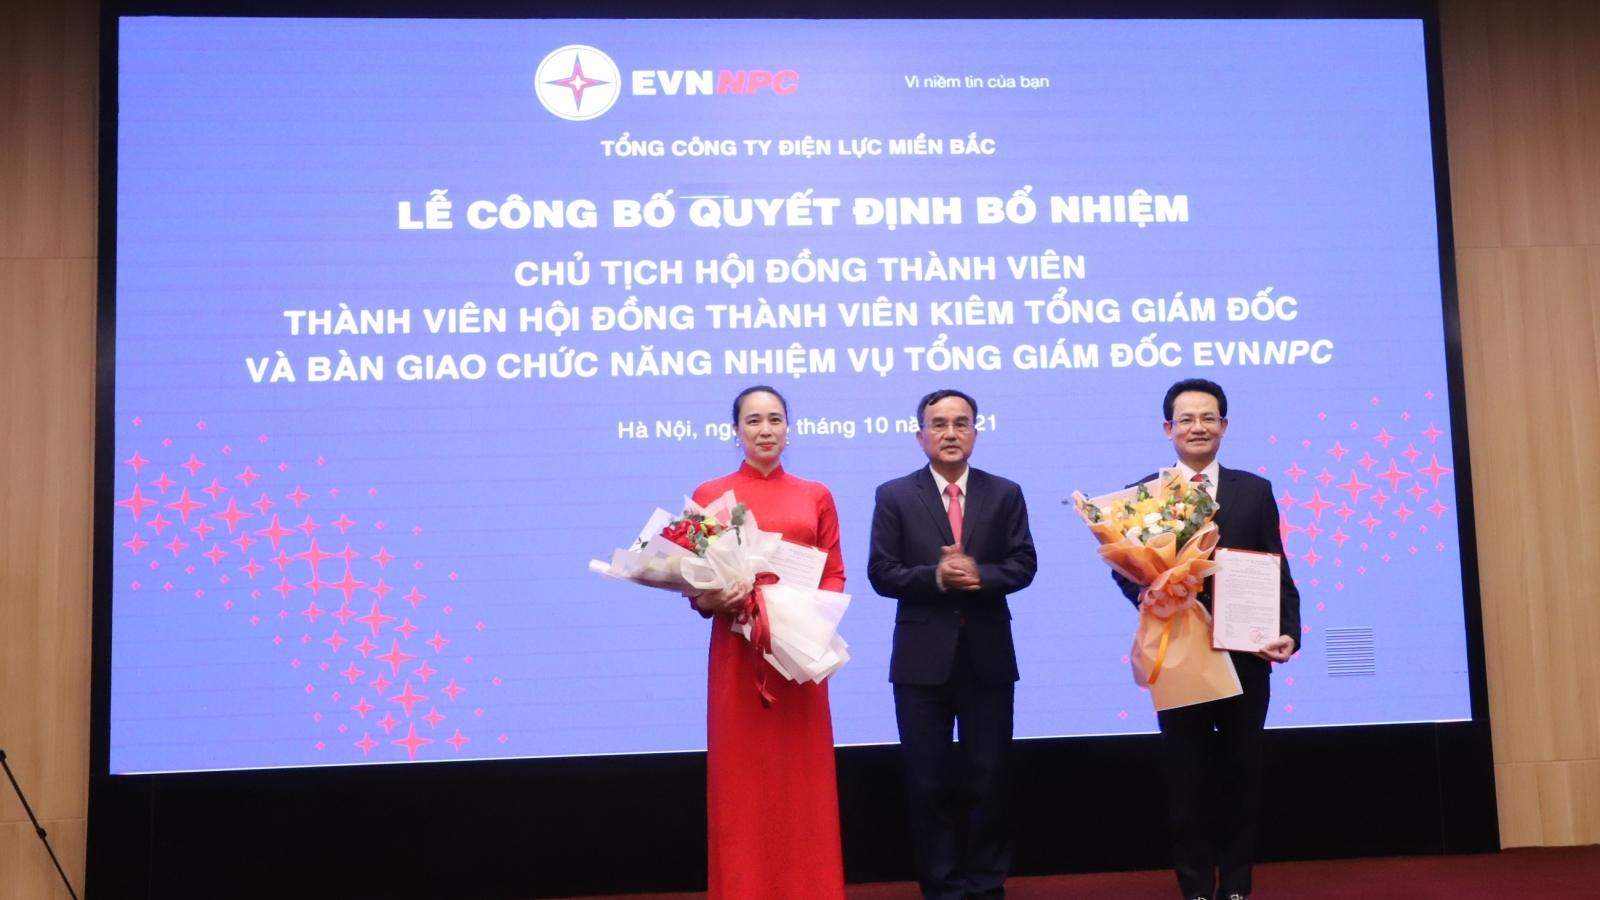 Tổng công ty Điện lực miền Bắc bổ nhiệmChủ tịch HĐTV vàTổng Giám đốc